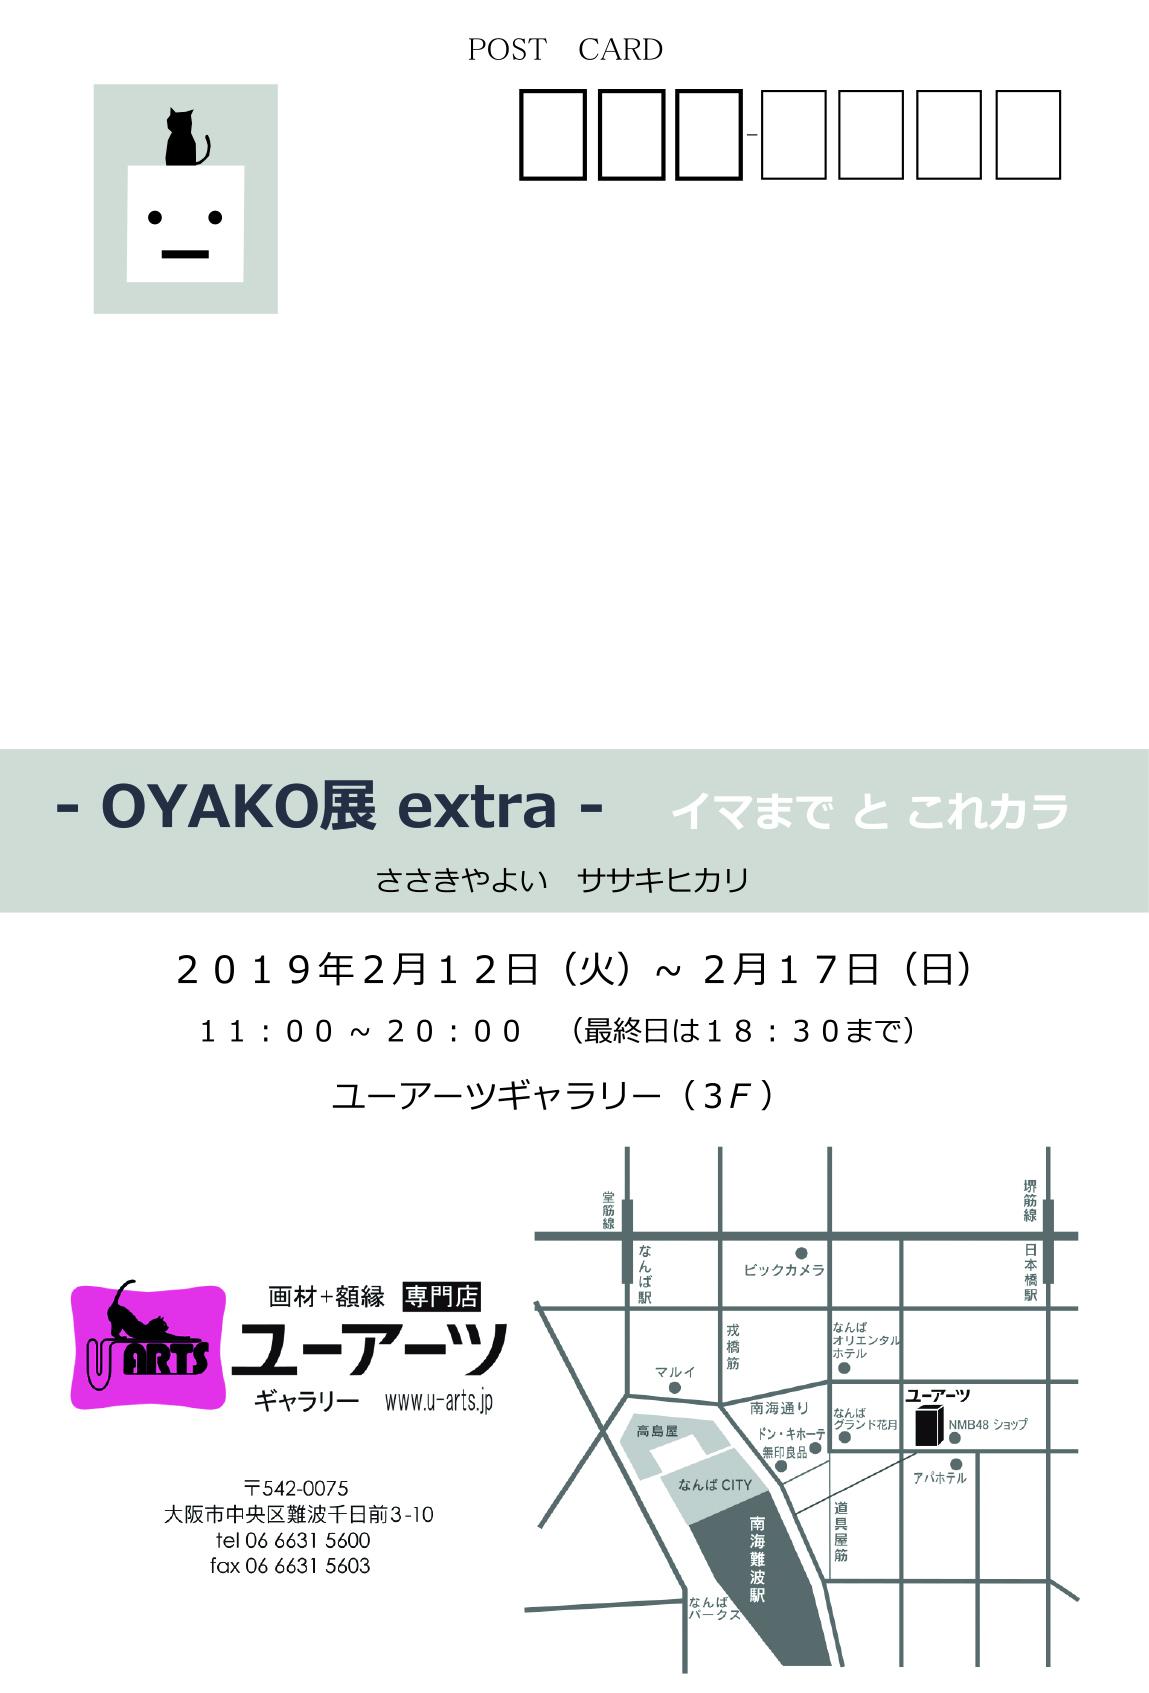 – OYAKO展 extra - イマまで と これカラ